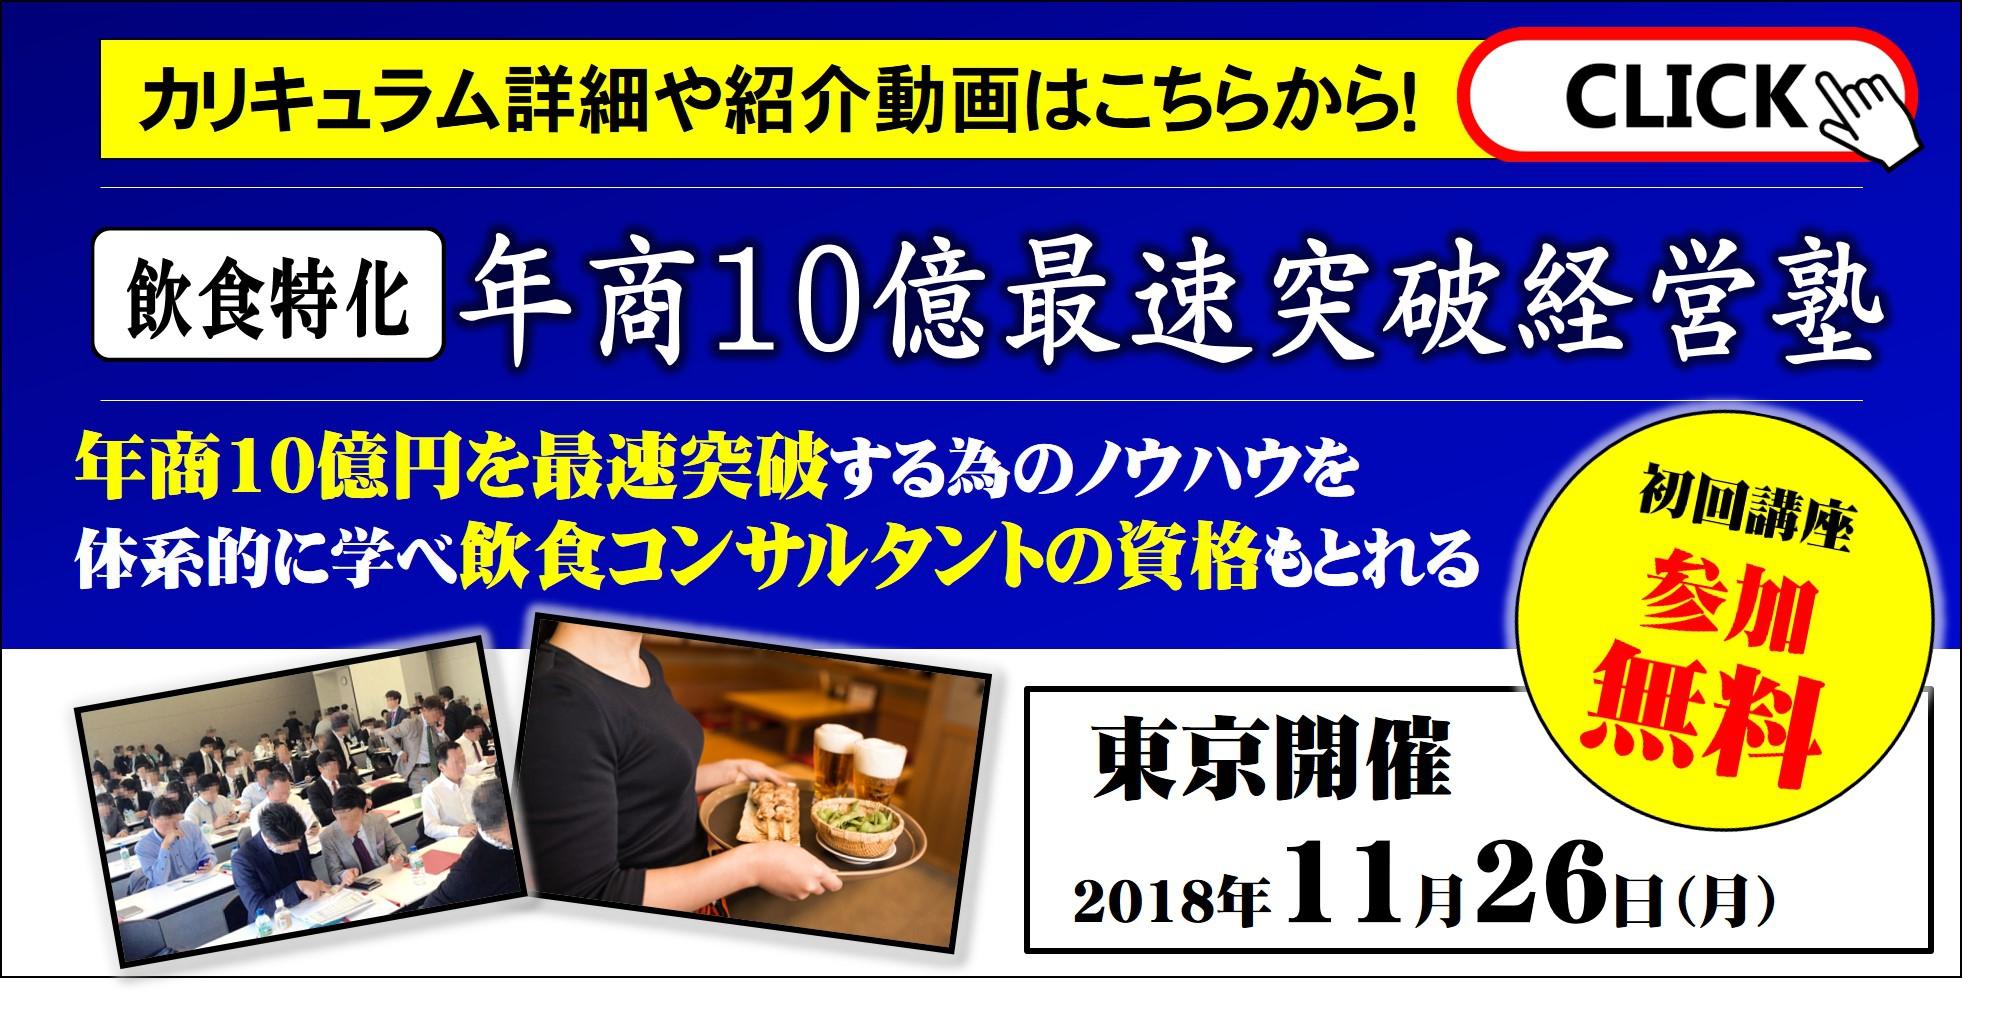 経営塾の紹介は下記より!!